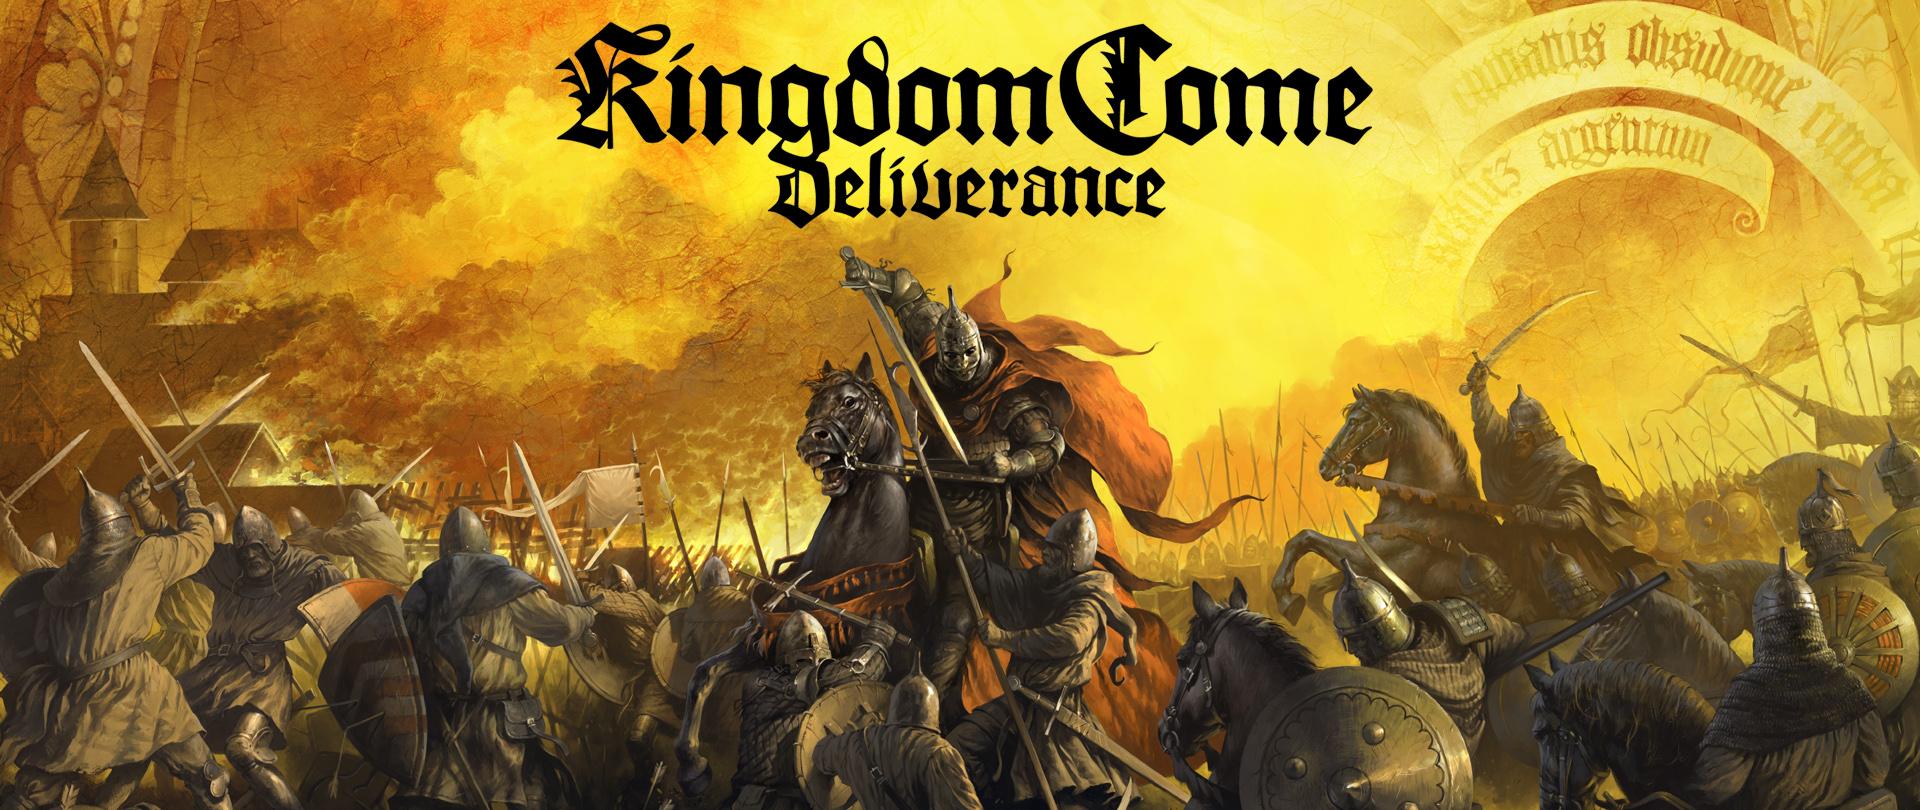 Resultado de imagen para Kingdom Come: Deliverance